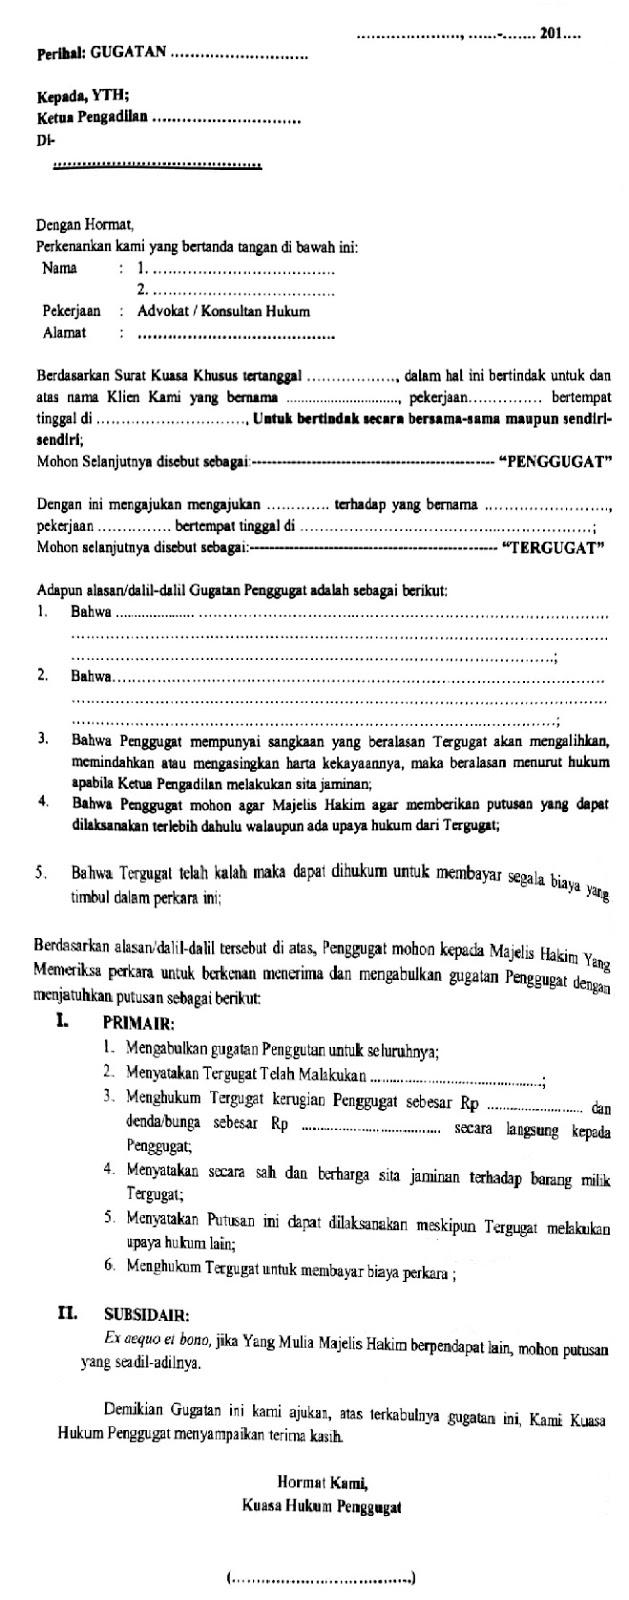 Surat Kuasa Dan Gugatan Materi Upa Wang Linggau